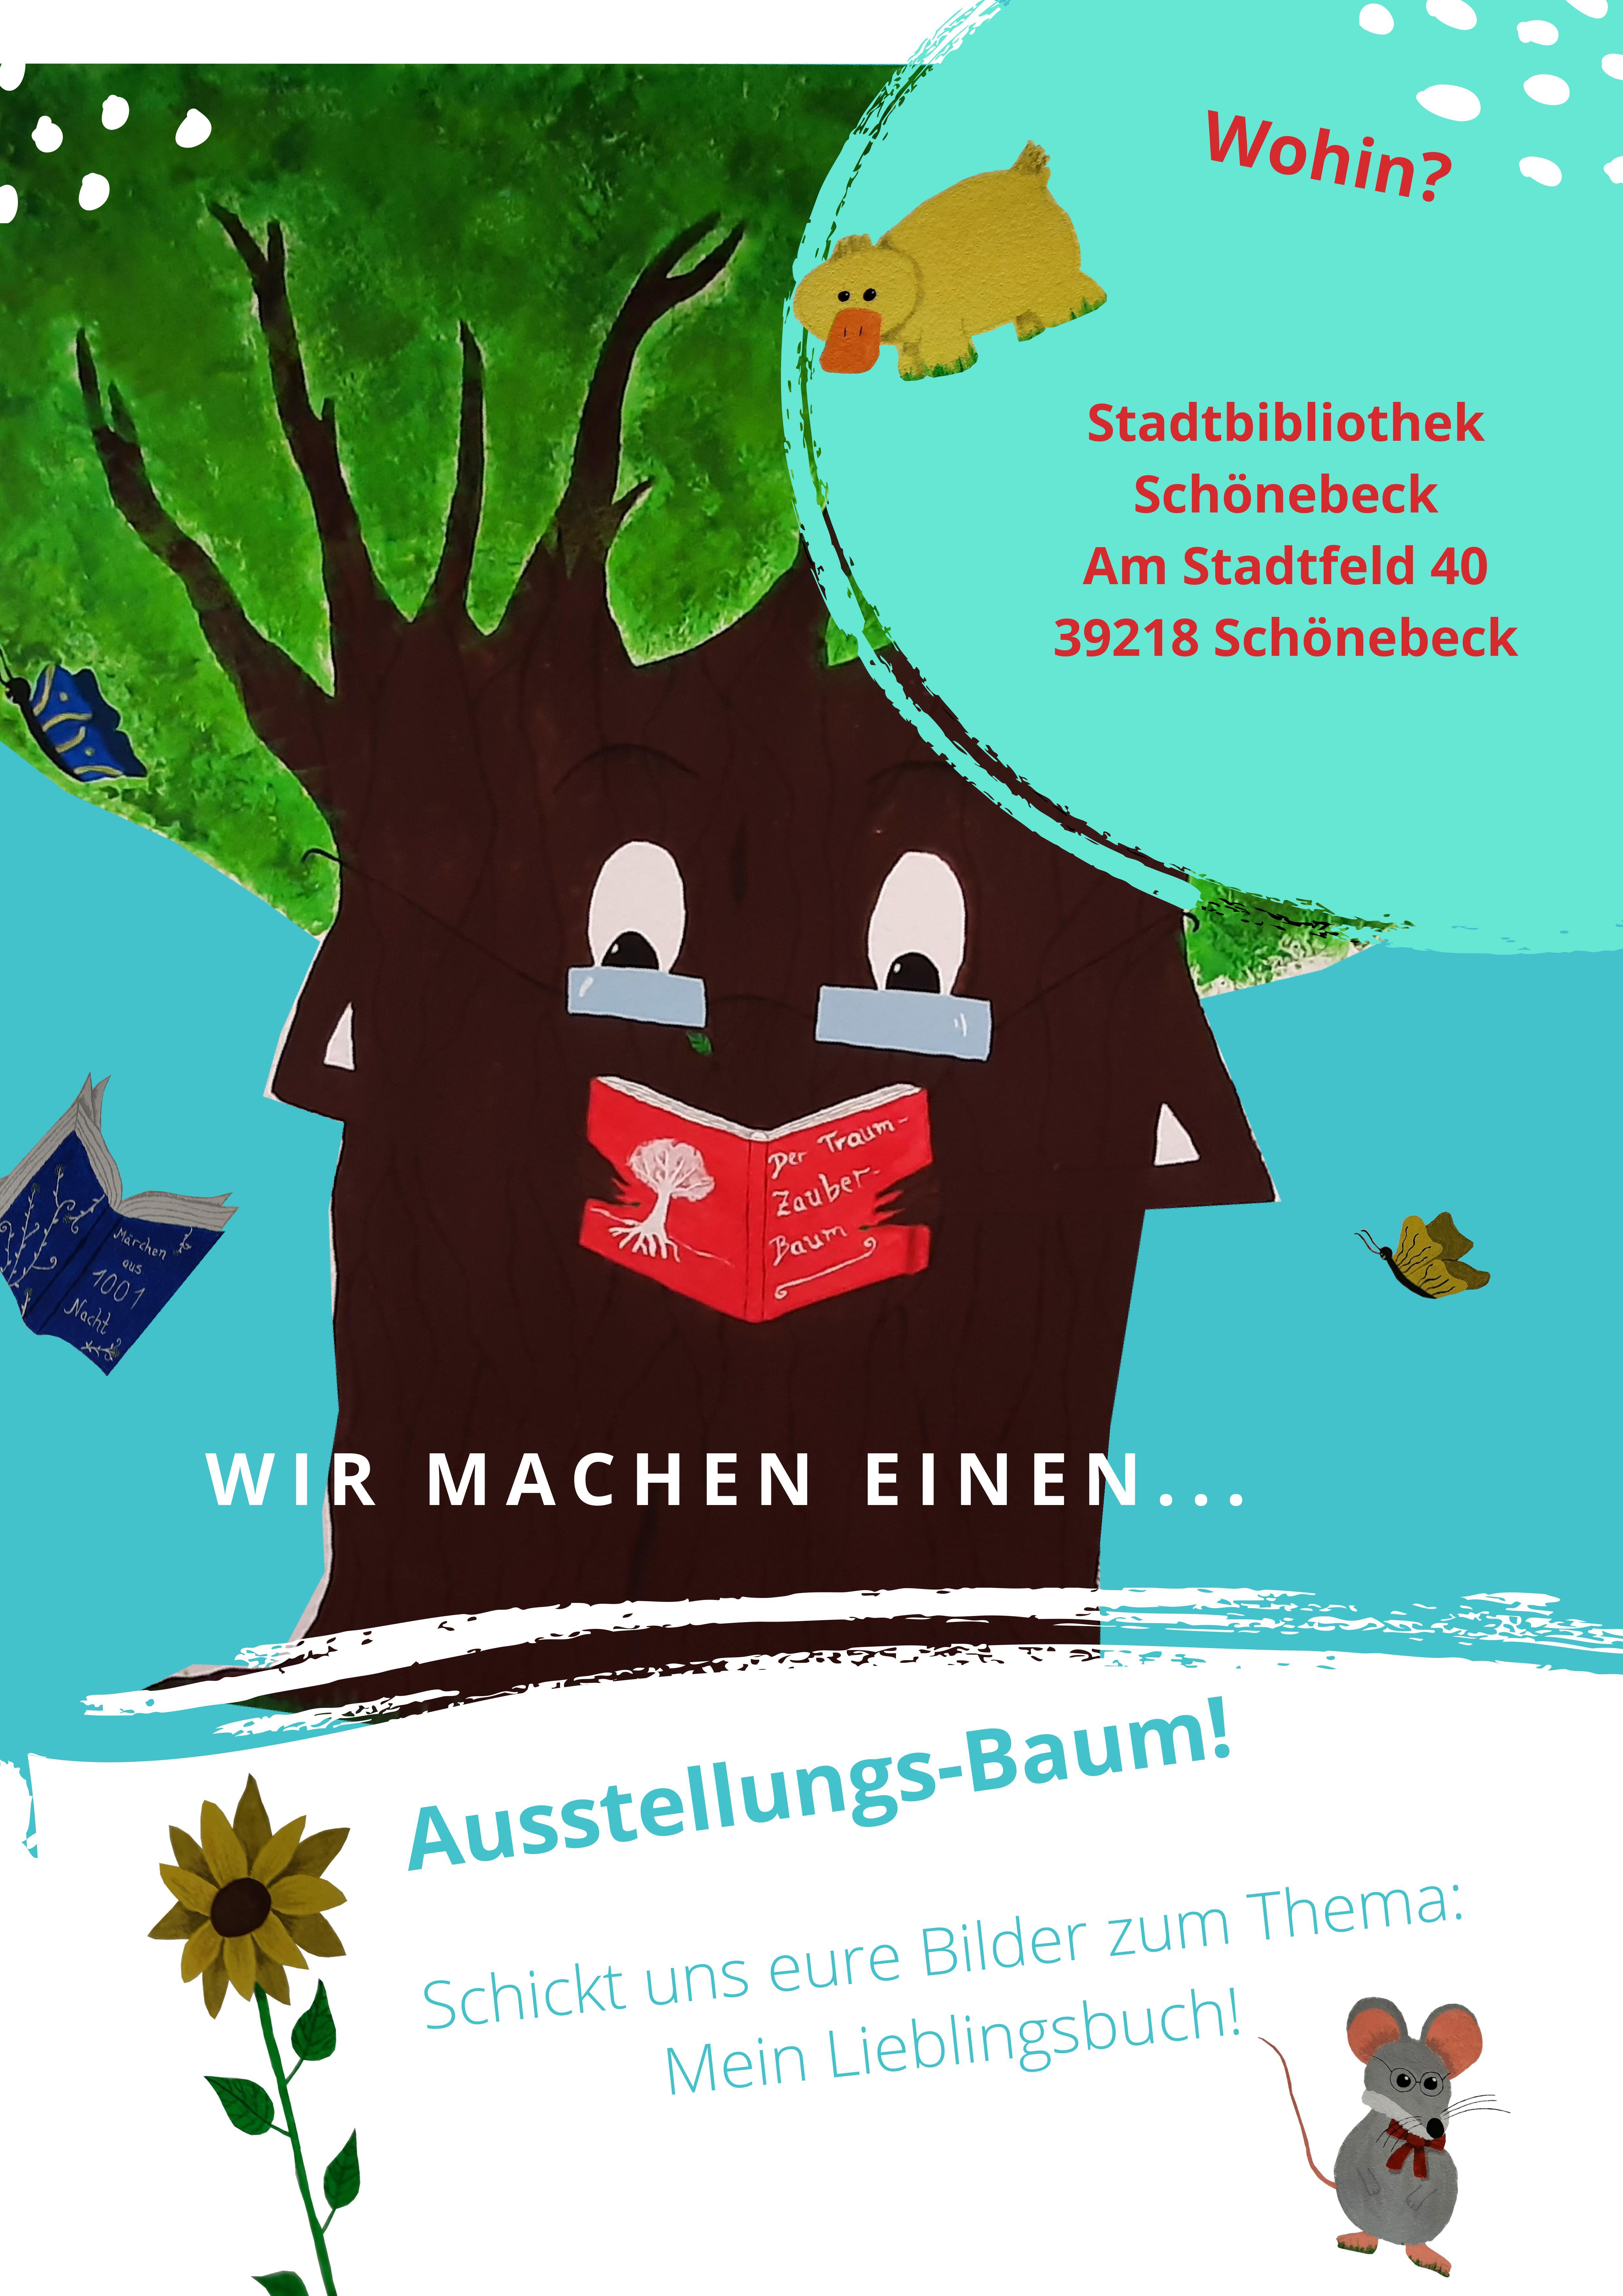 Stadtbibliothek Schönebeck: Aufruf zum Malen